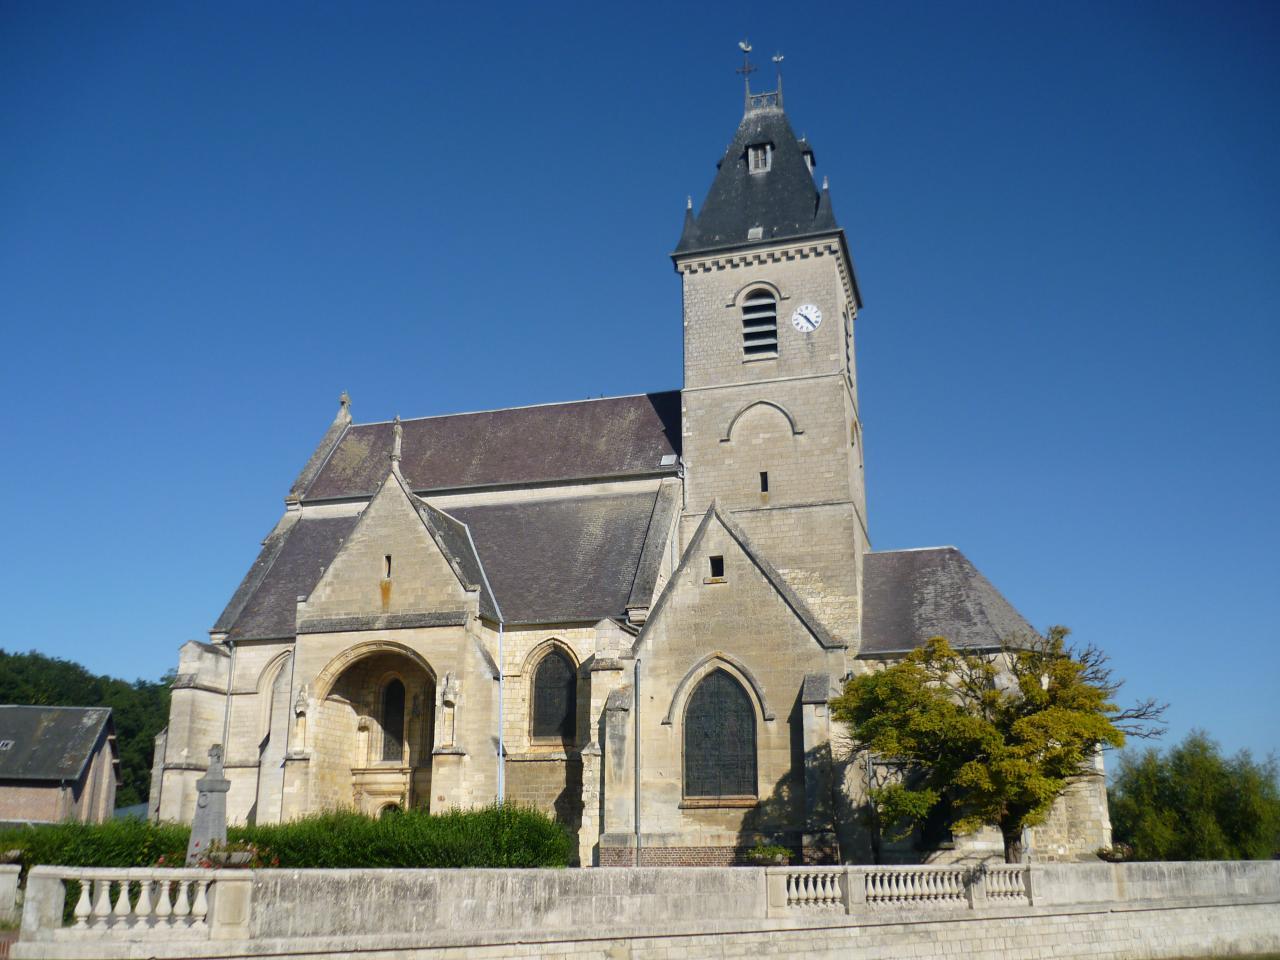 Eglise_romane_&_transition_gothique_de_Croix-Moligneaux